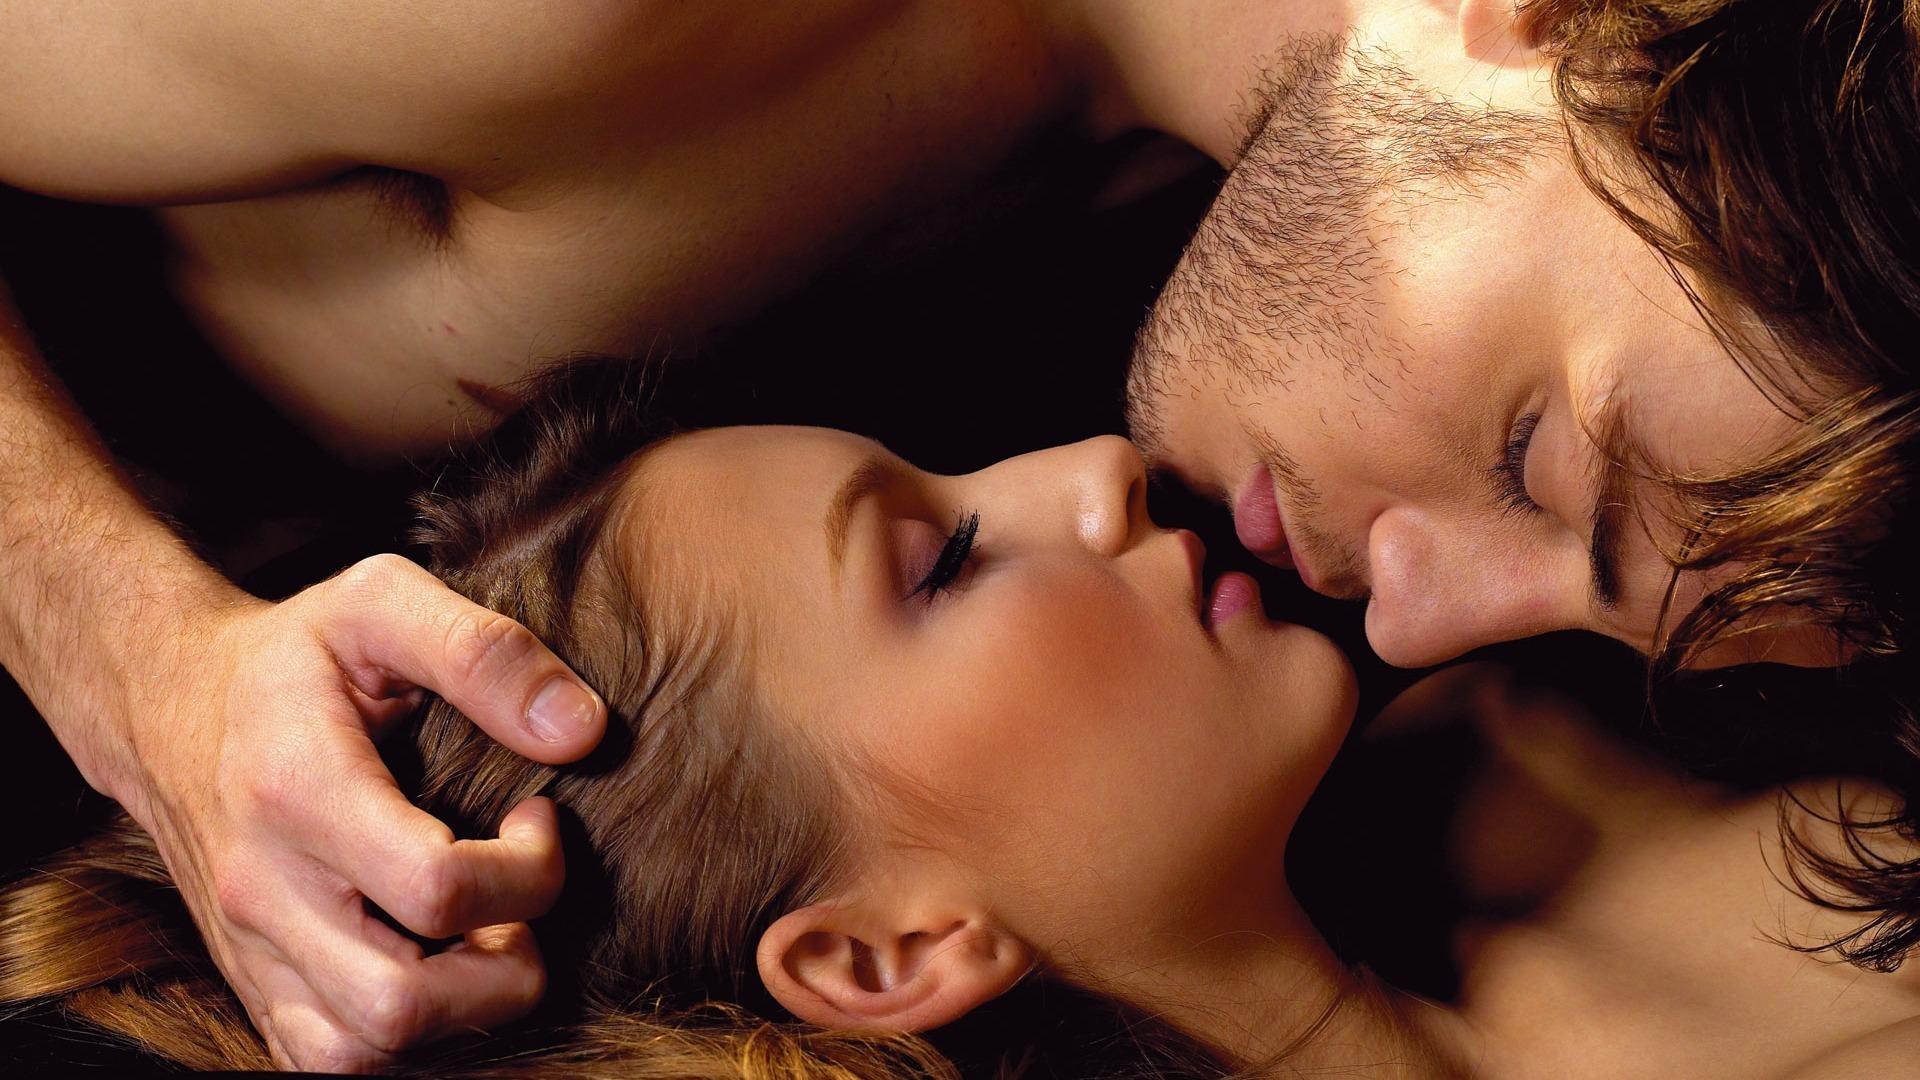 Прибили половые губы онлайн 13 фотография